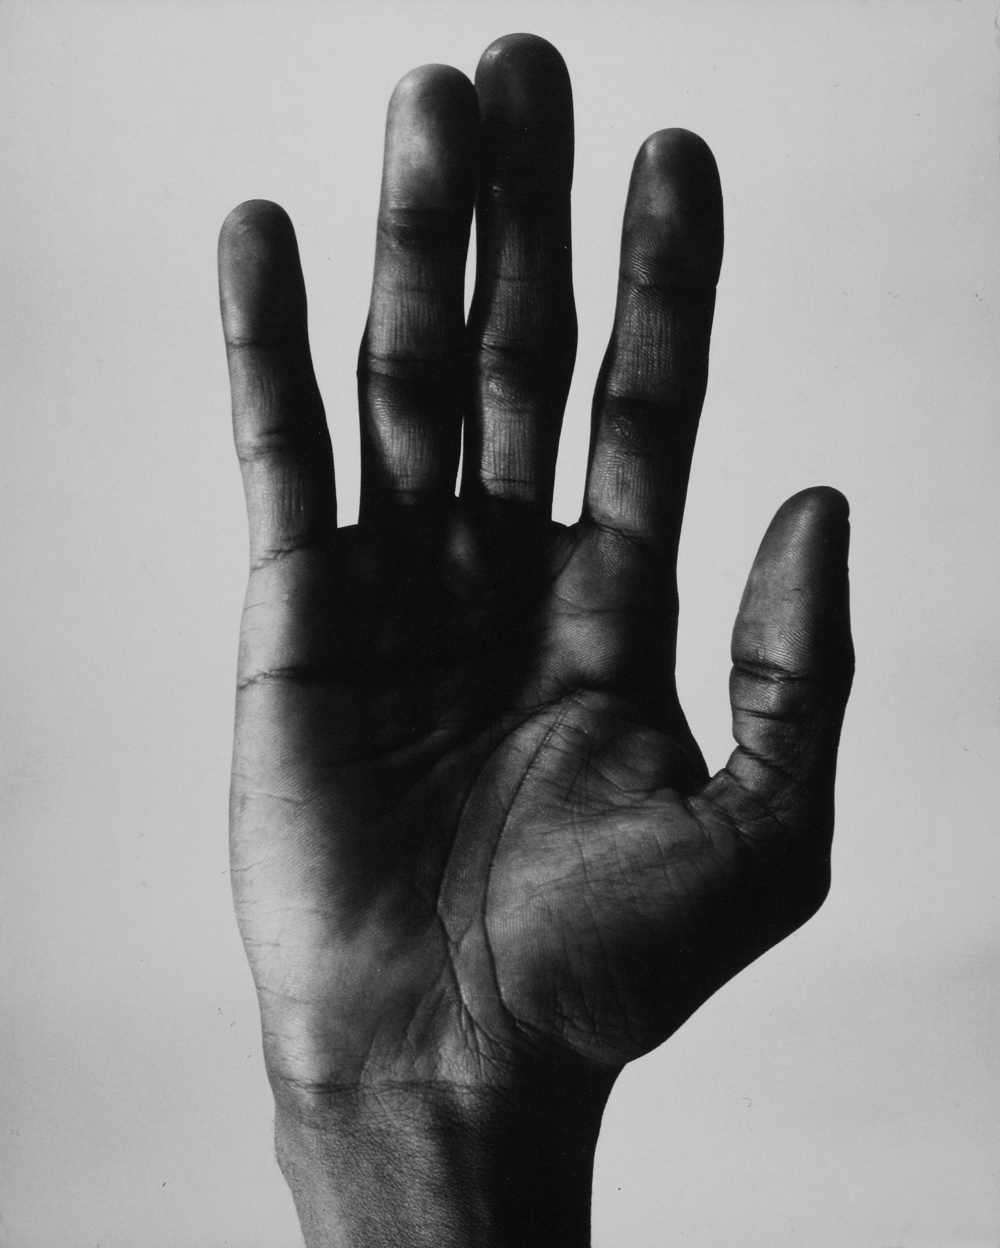 drummers-hand.jpg